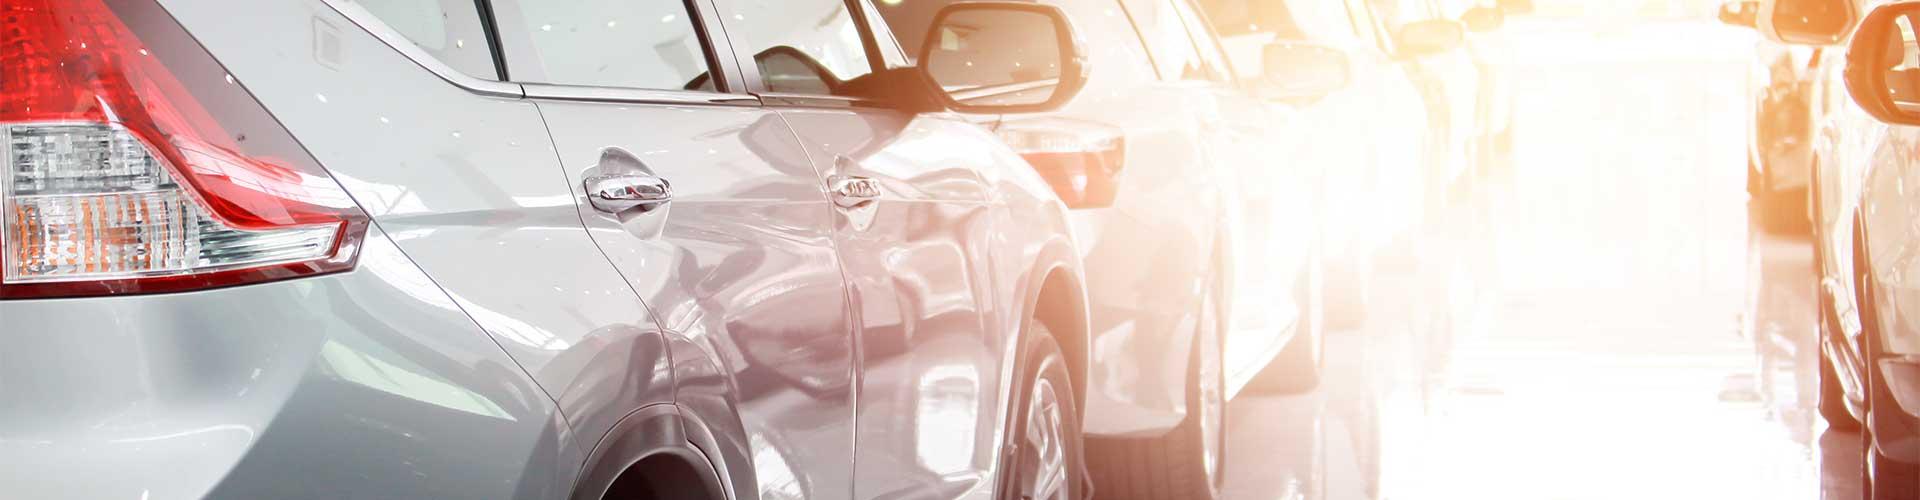 bg_references_automobiles